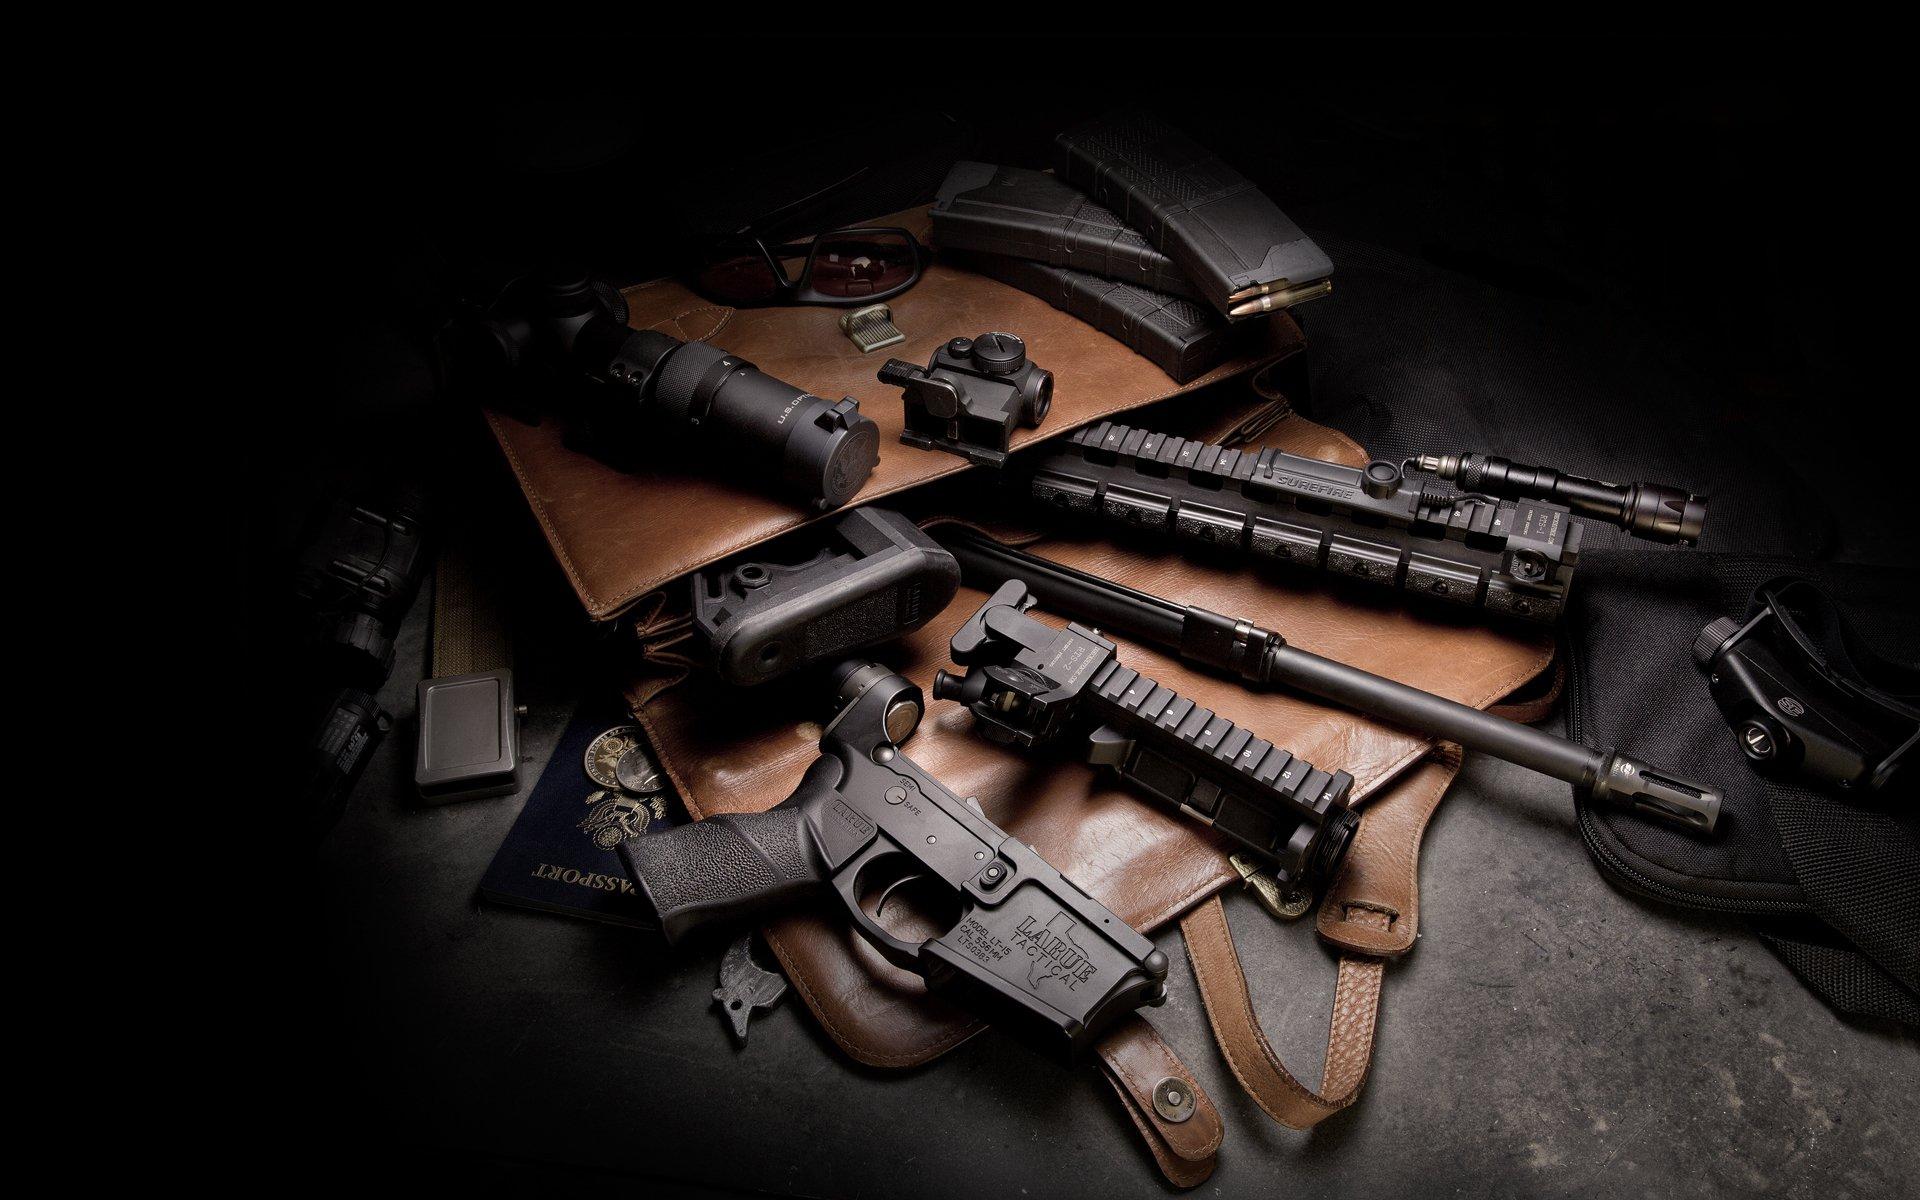 Автомат, нож и пистолет  № 3465034 без смс